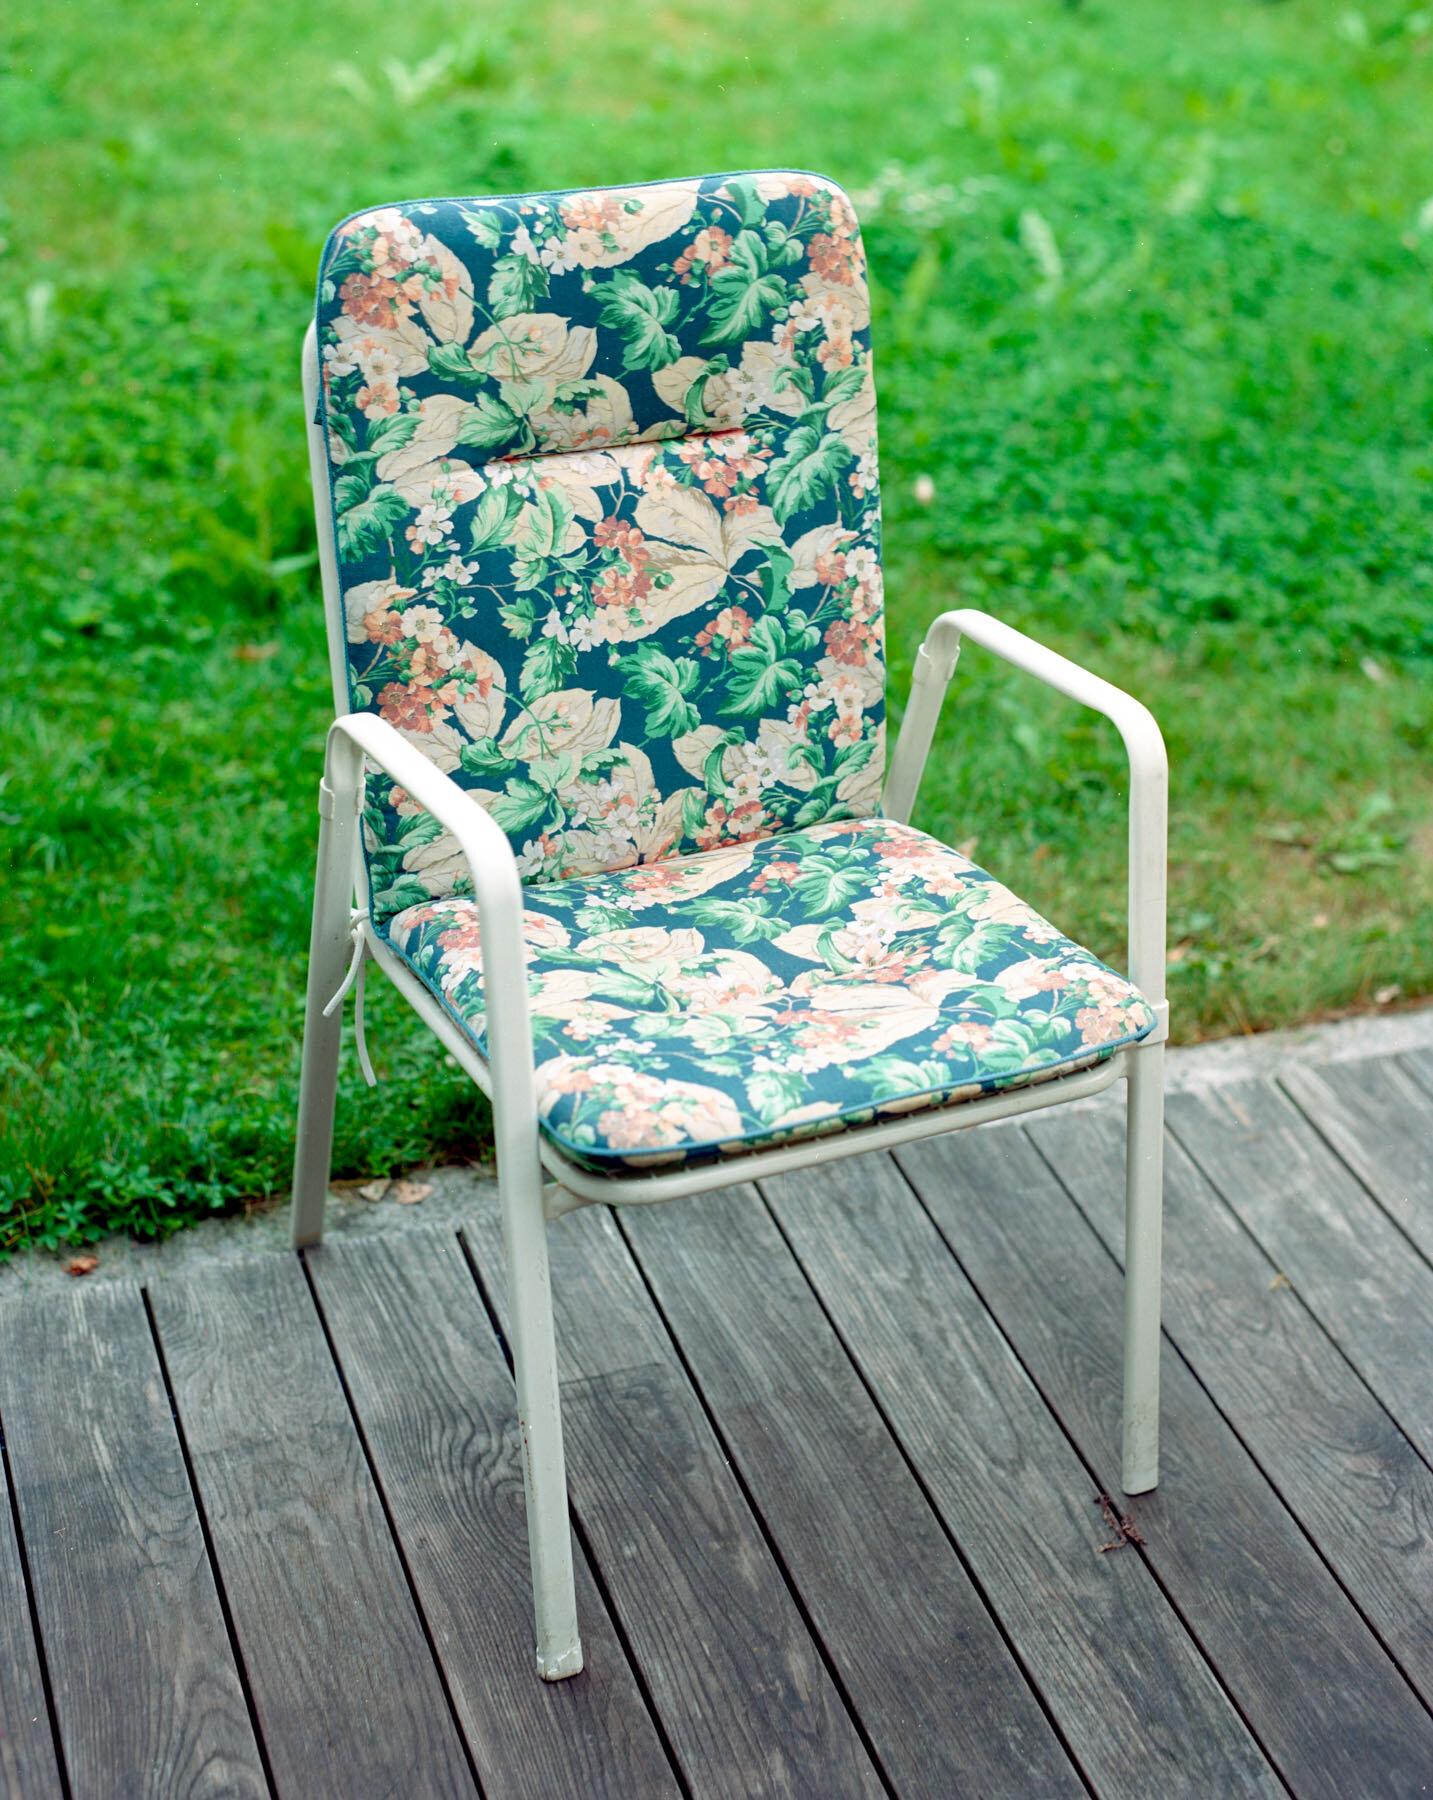 Sommer Stuhl